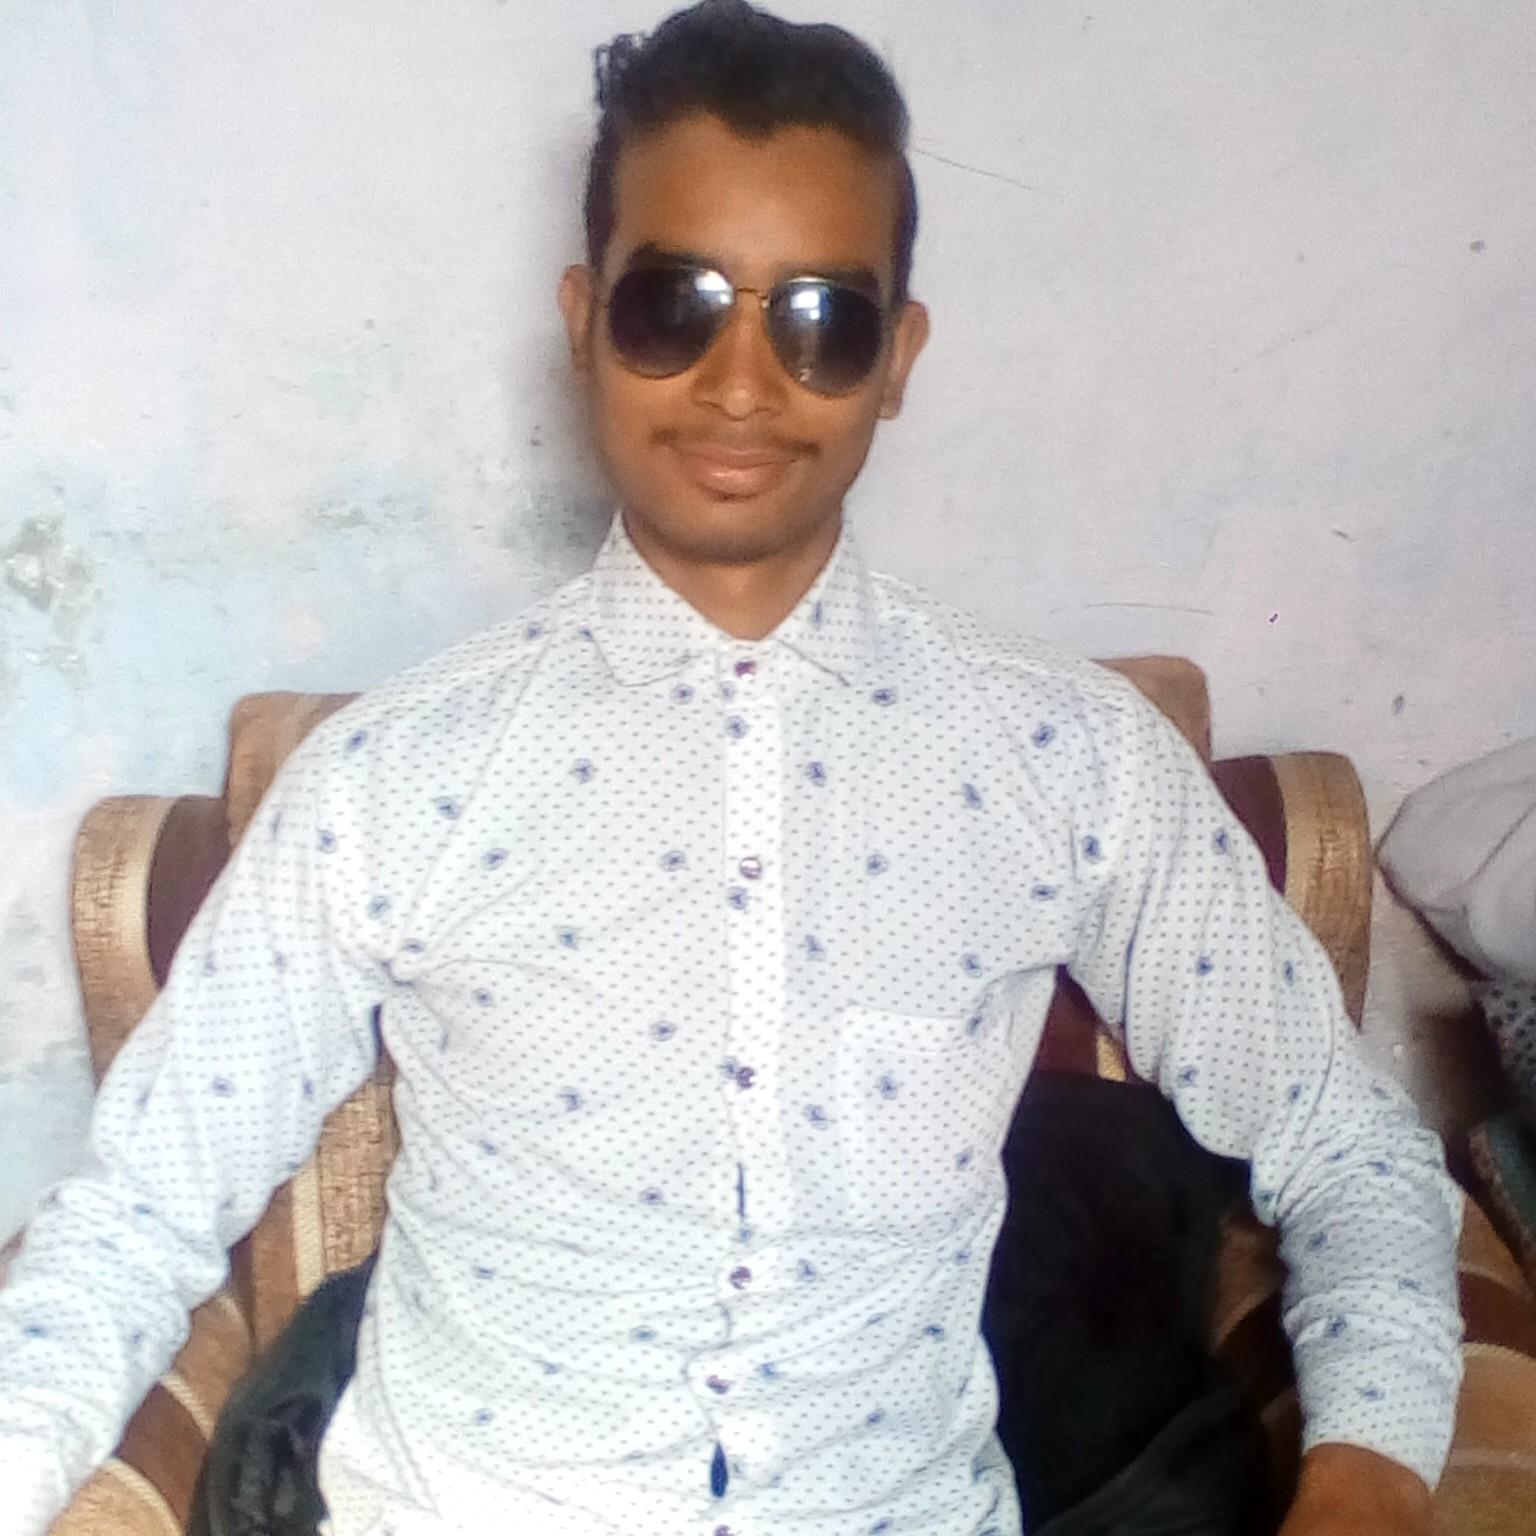 Gyan bharti channel bolkar